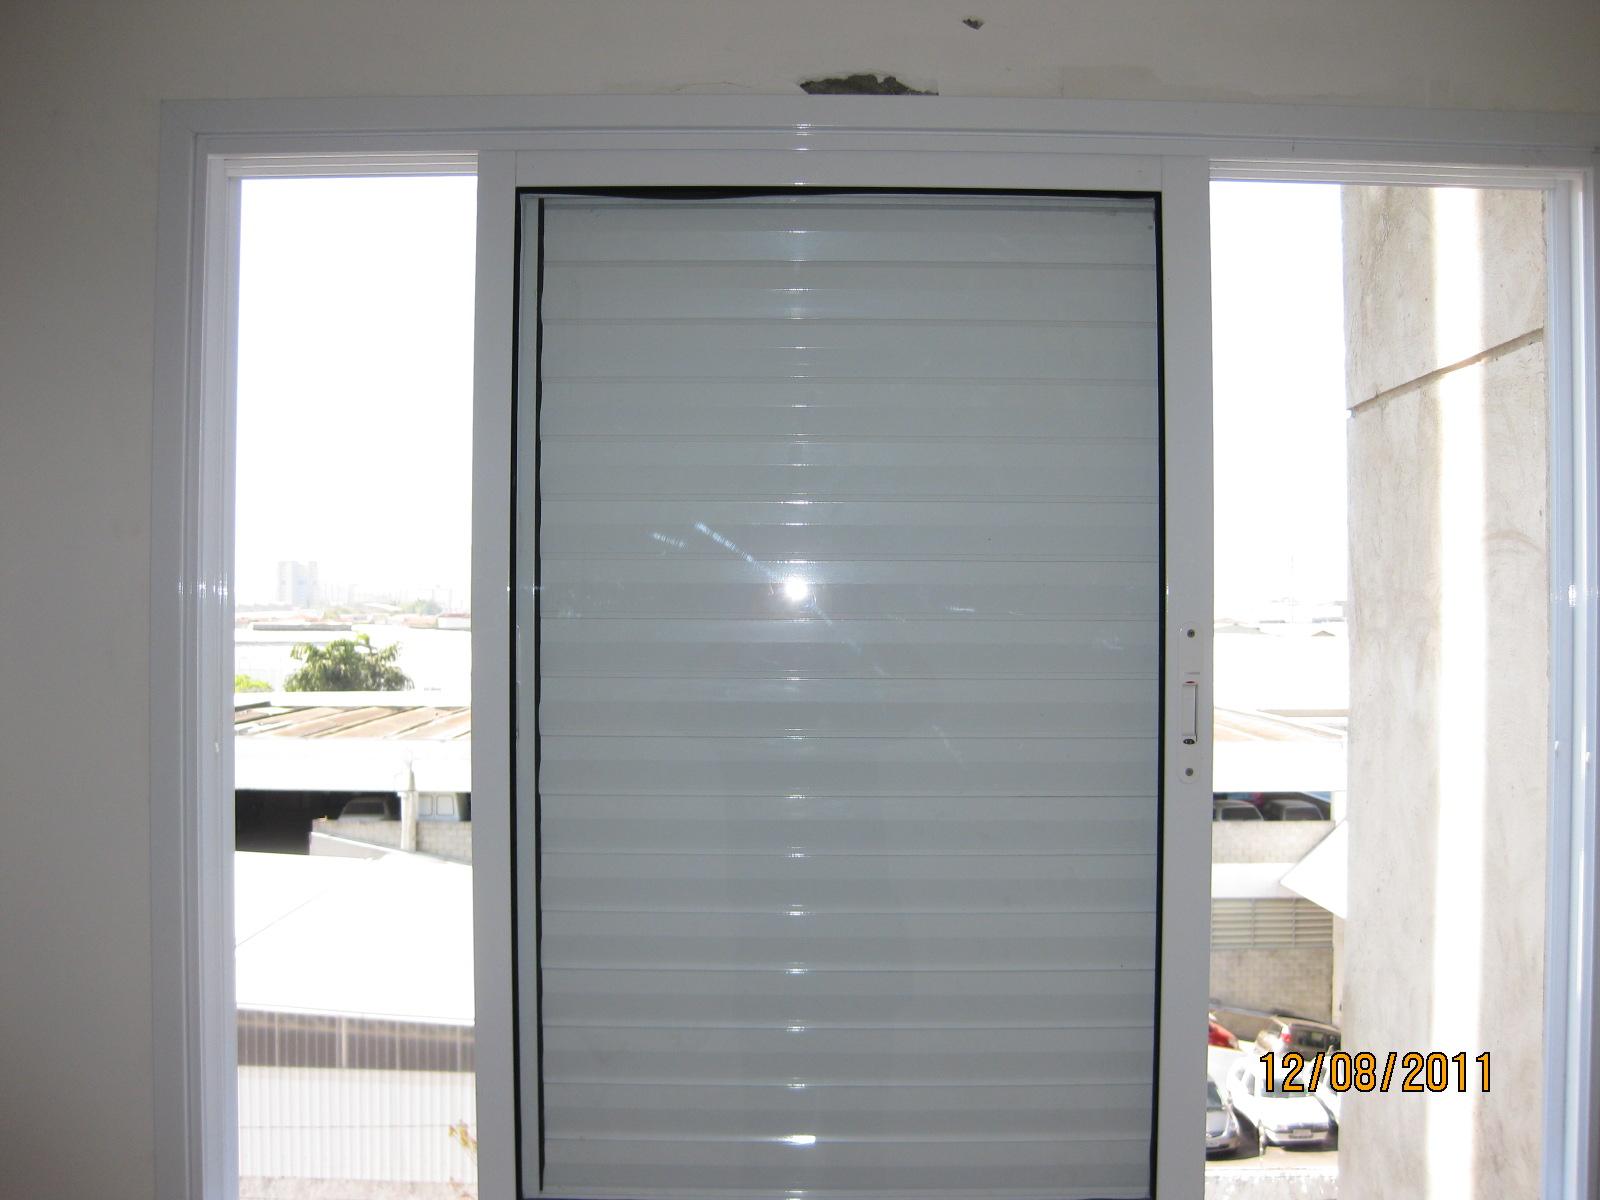 #716041 As janelas com veneziana horizontal instaladas são de boa qualidade  472 Janelas Duplas Isolamento Acustico